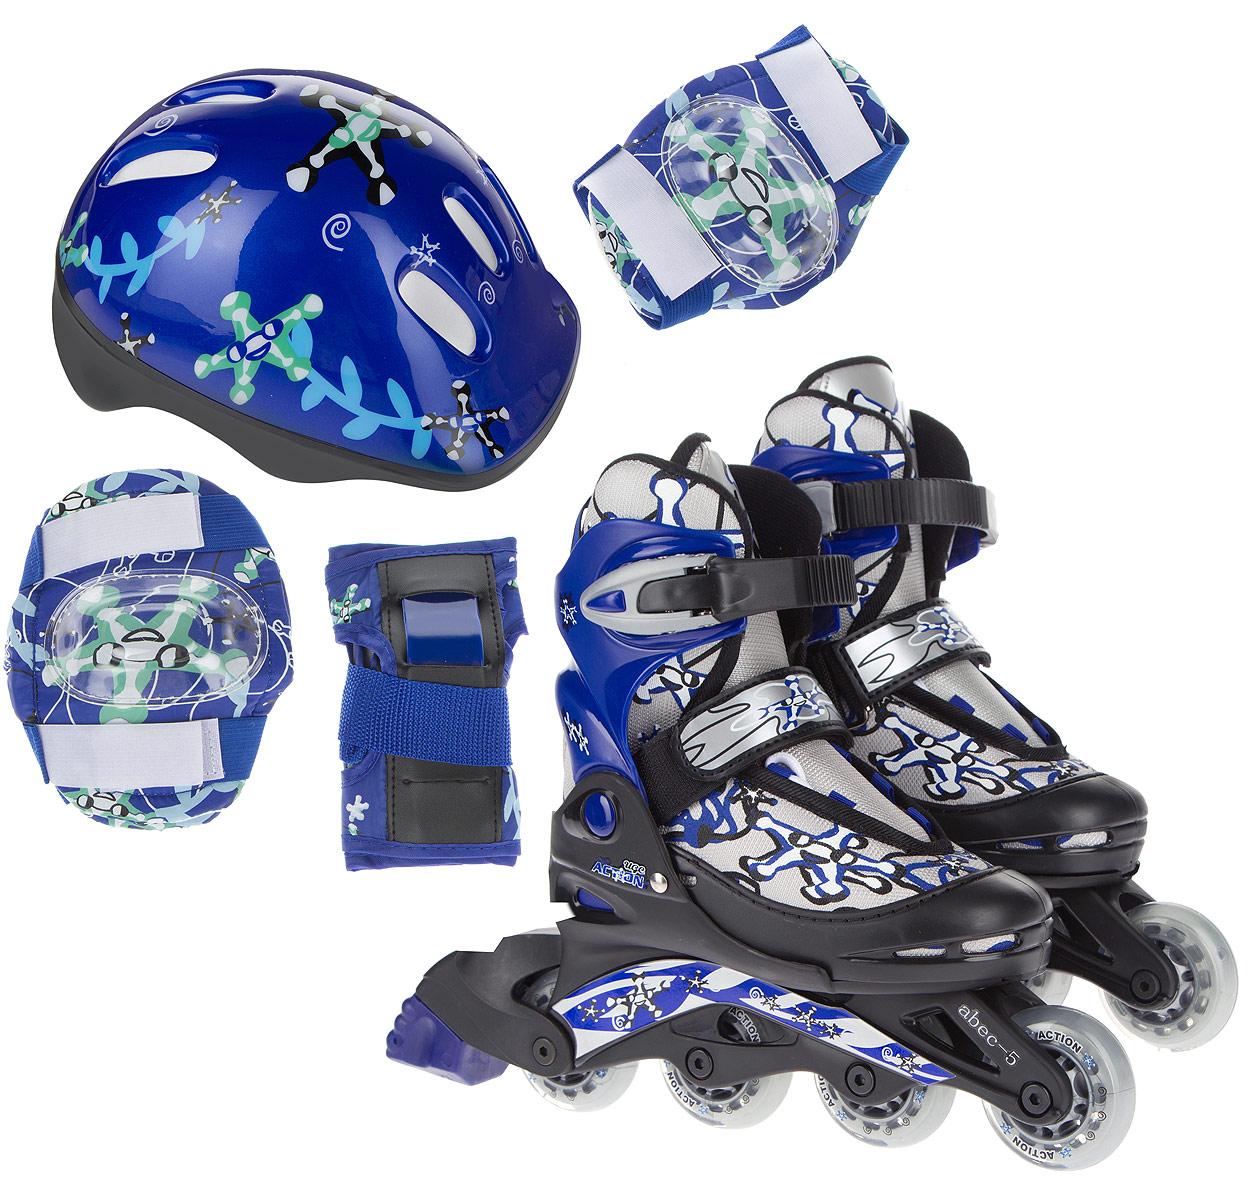 """Набор """"Action"""": коньки роликовые, защита, шлем, цвет: синий, белый, черный. Размер 26/29. PW-780"""